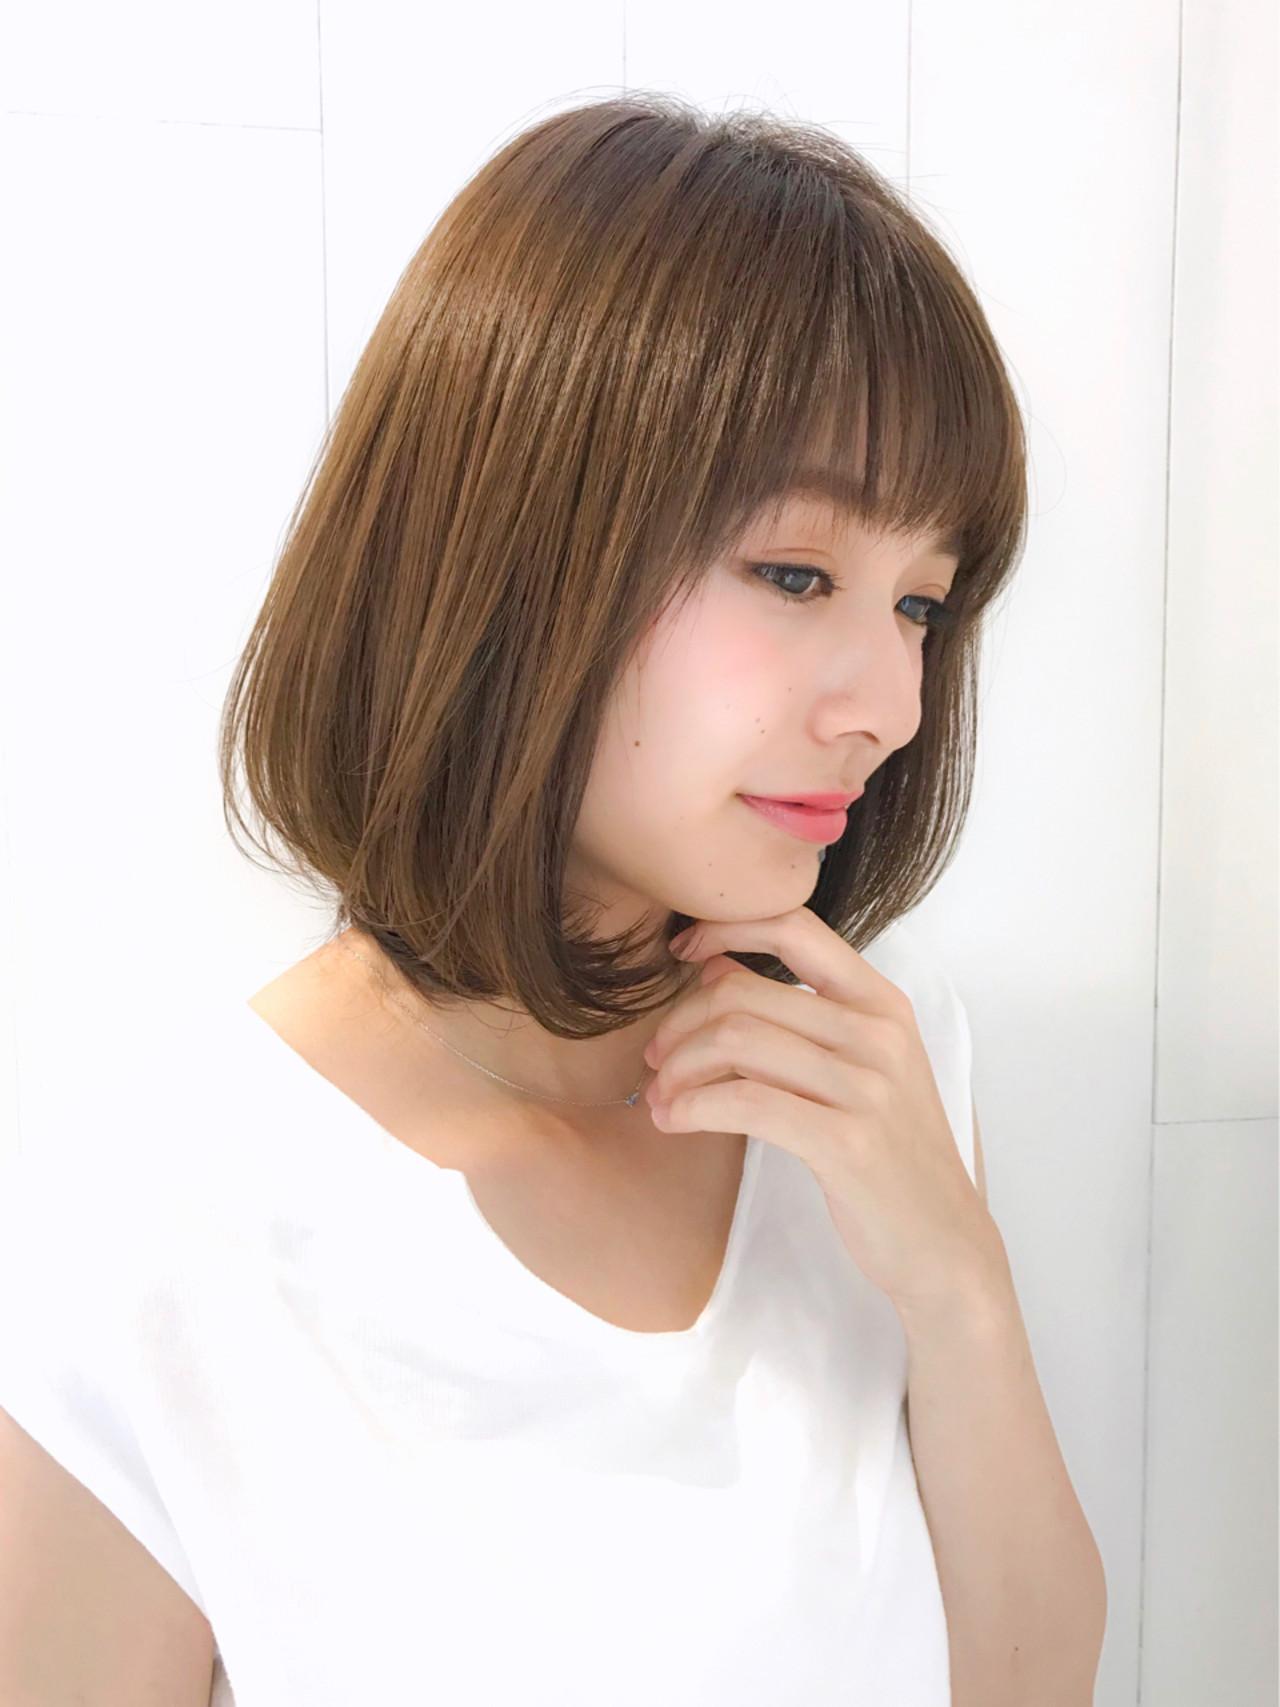 ワンカール グレージュ 大人かわいい フェミニン ヘアスタイルや髪型の写真・画像